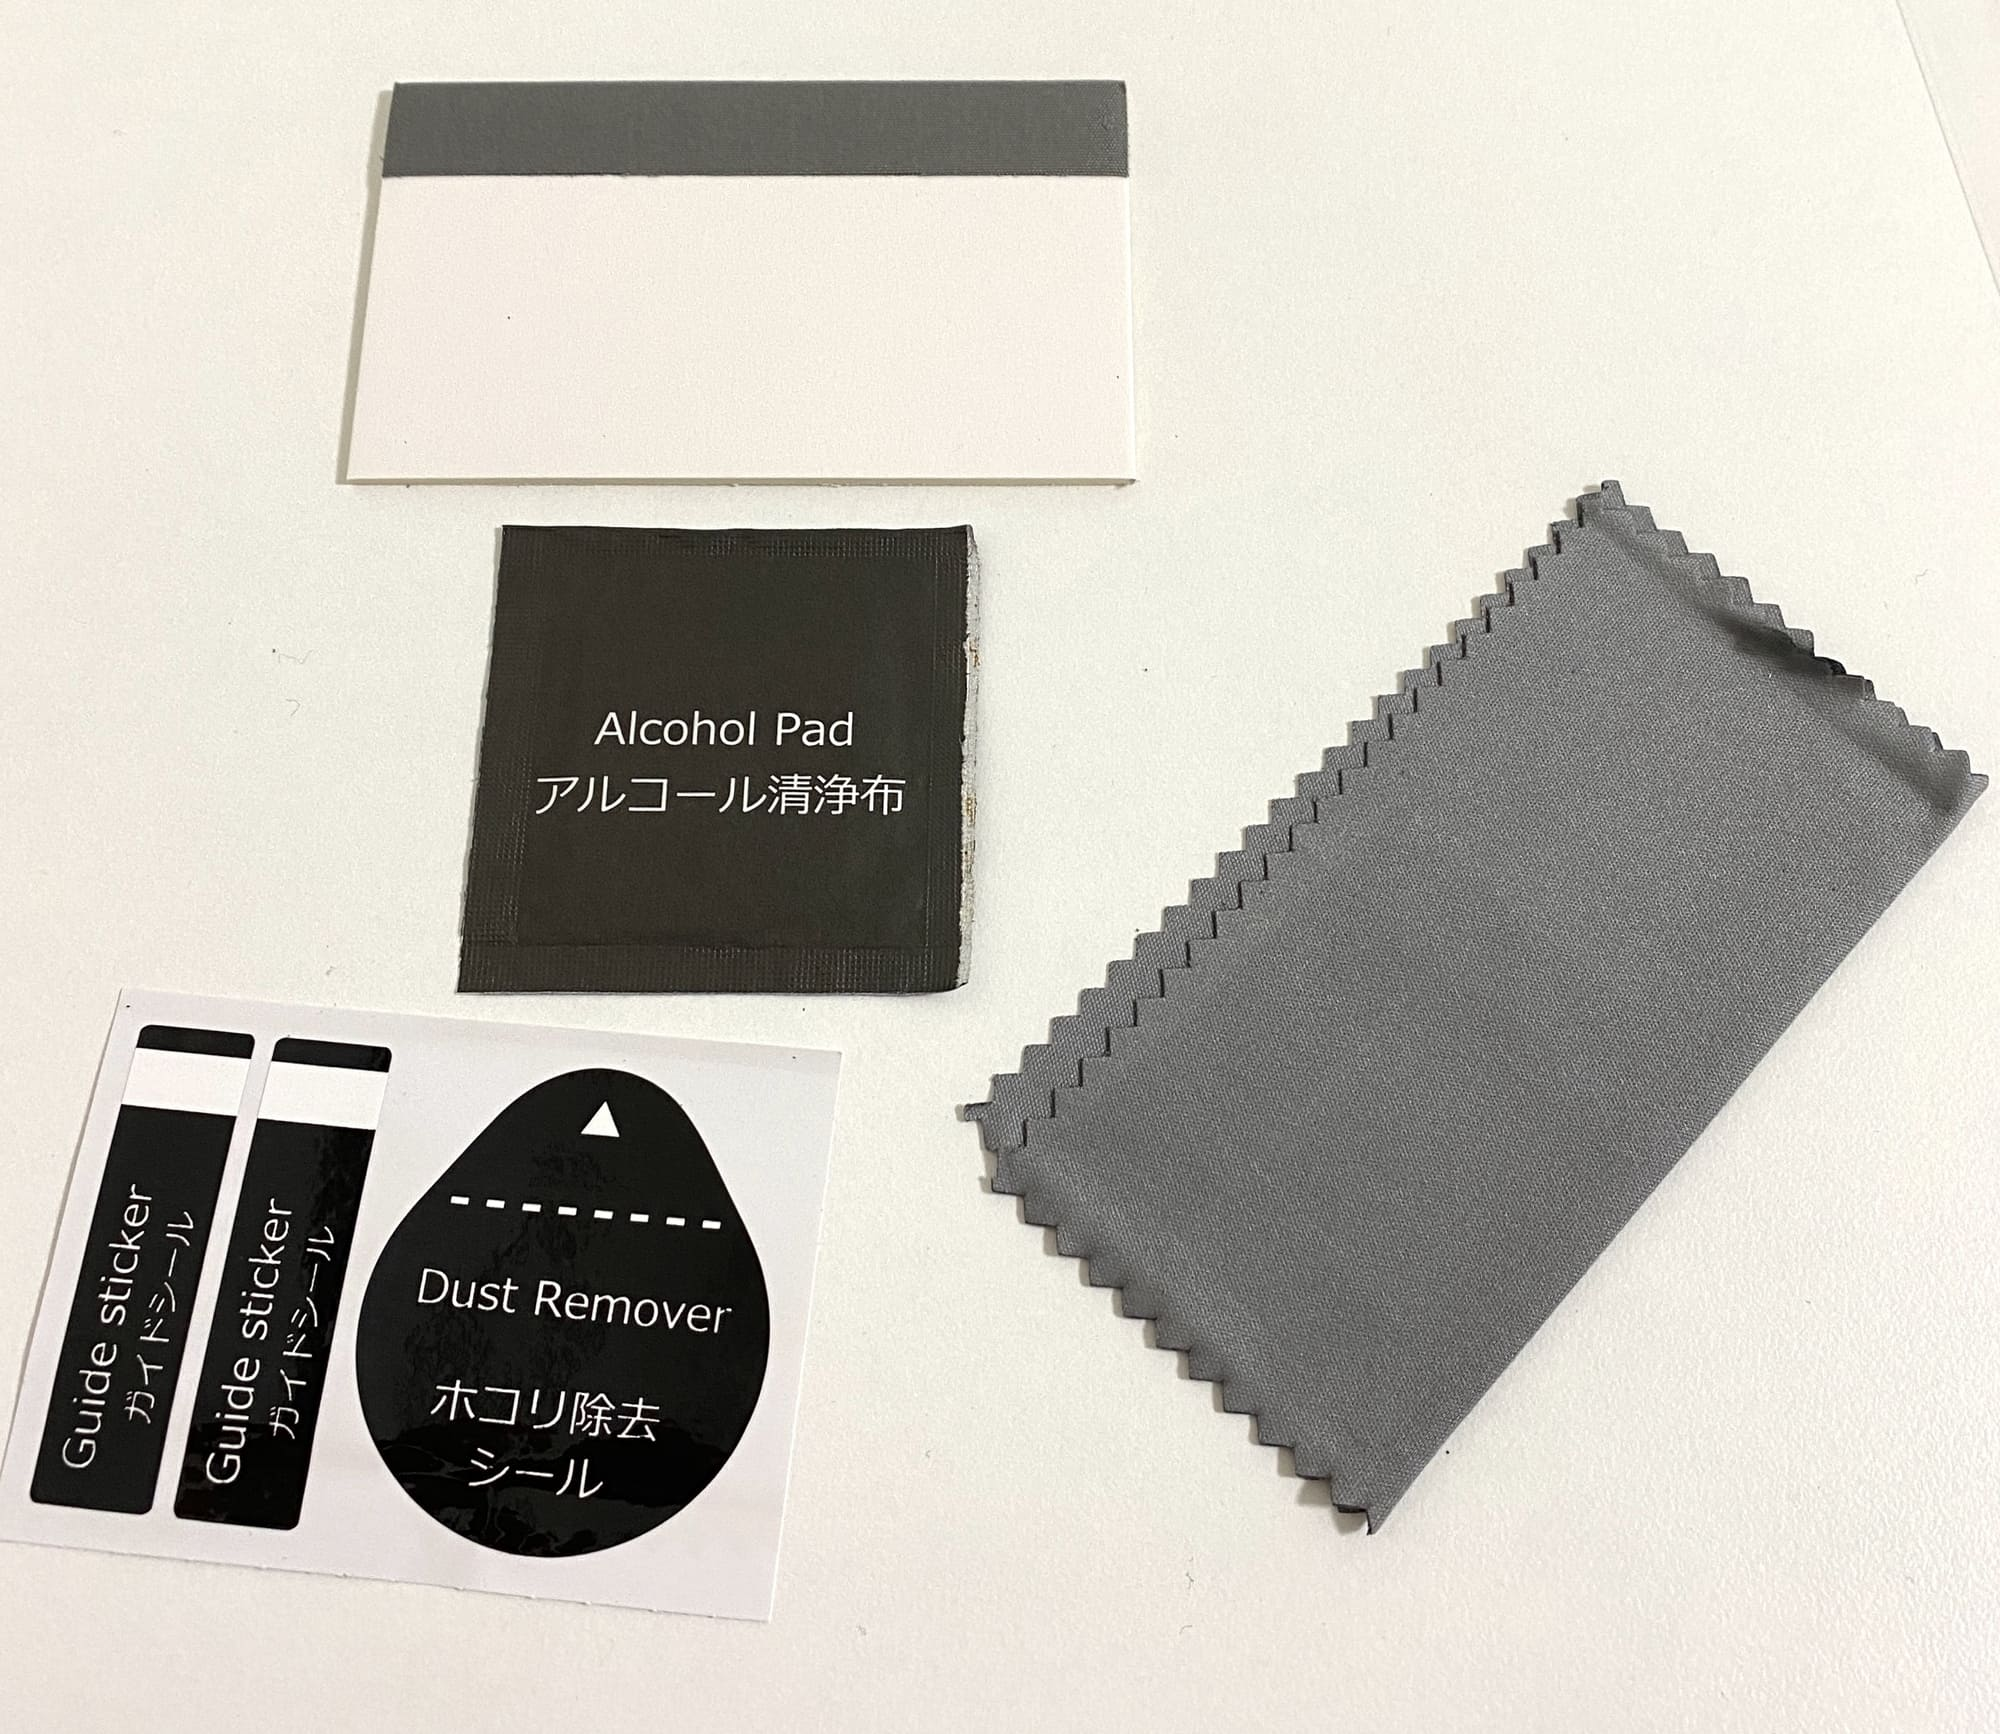 「PCフィルター専門工房」のペーパーライクフィルムの付属品